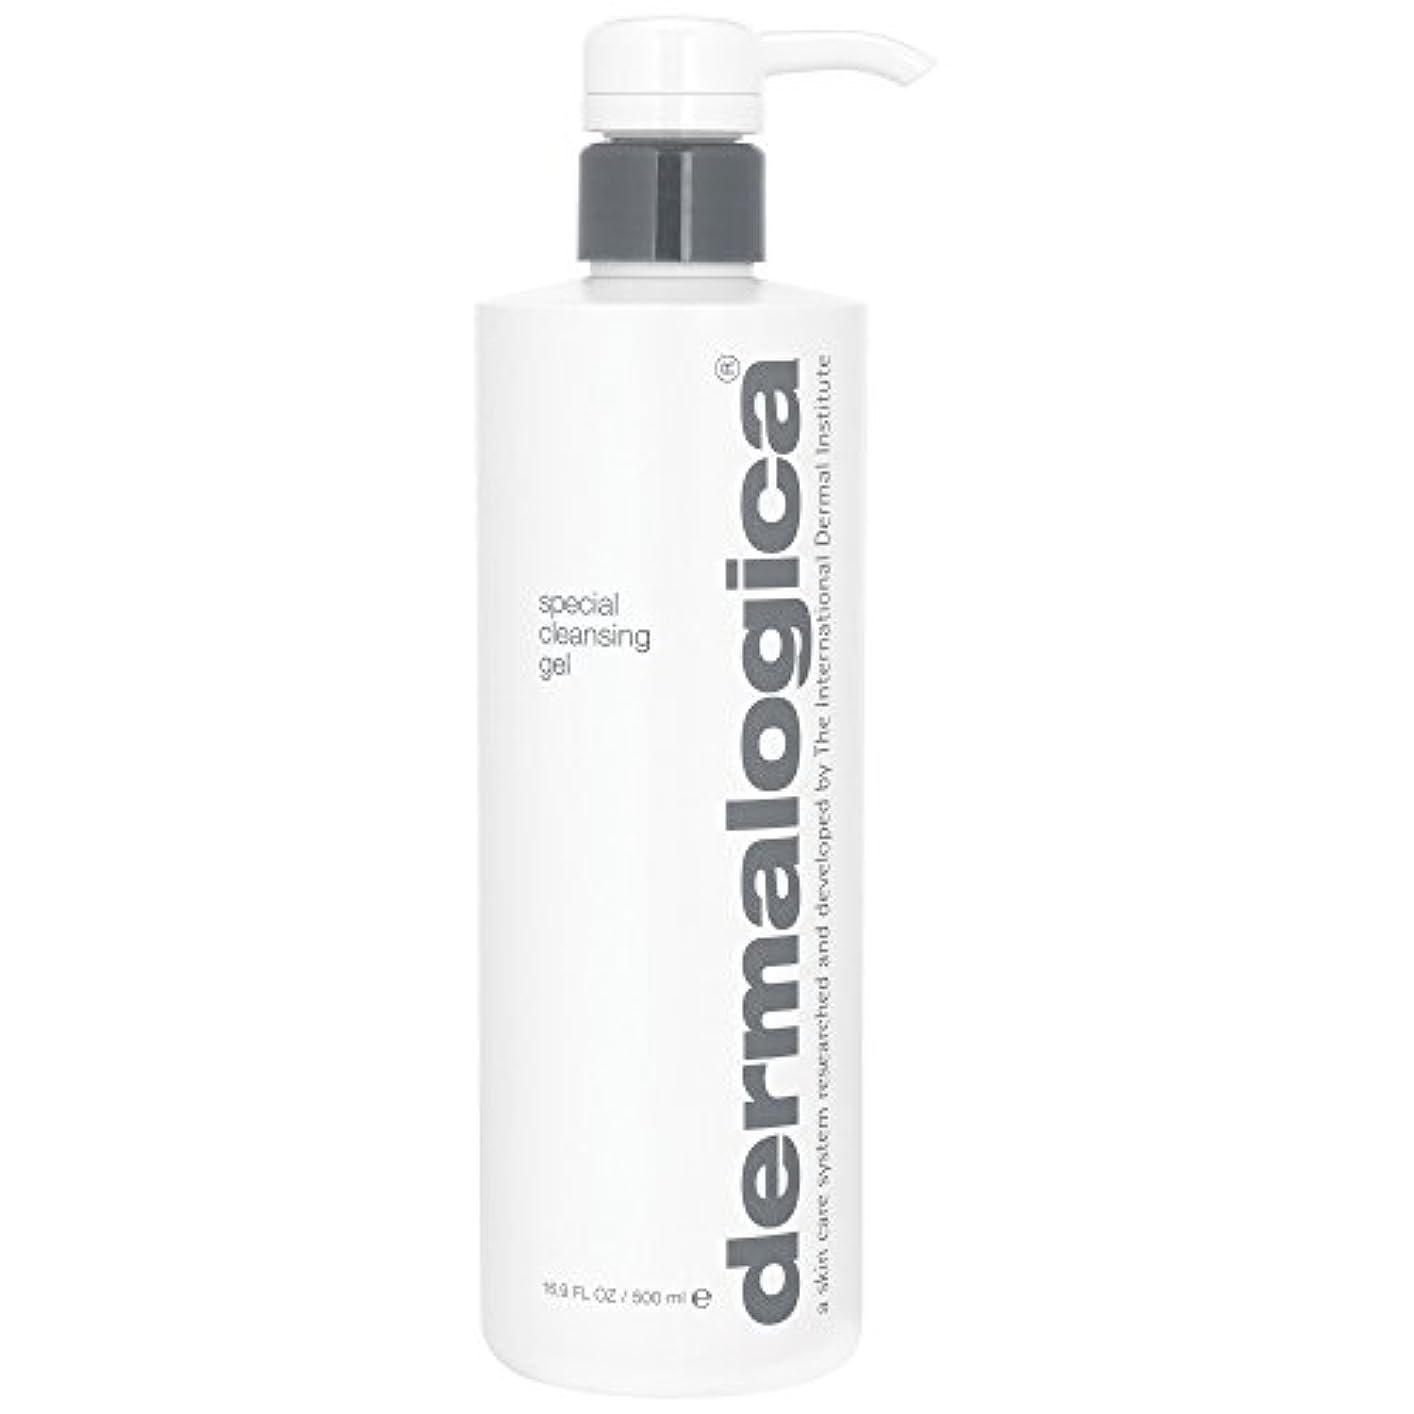 汚いの前で許すダーマロジカ特別なクレンジングゲル500ミリリットル (Dermalogica) (x2) - Dermalogica Special Cleansing Gel 500ml (Pack of 2) [並行輸入品]